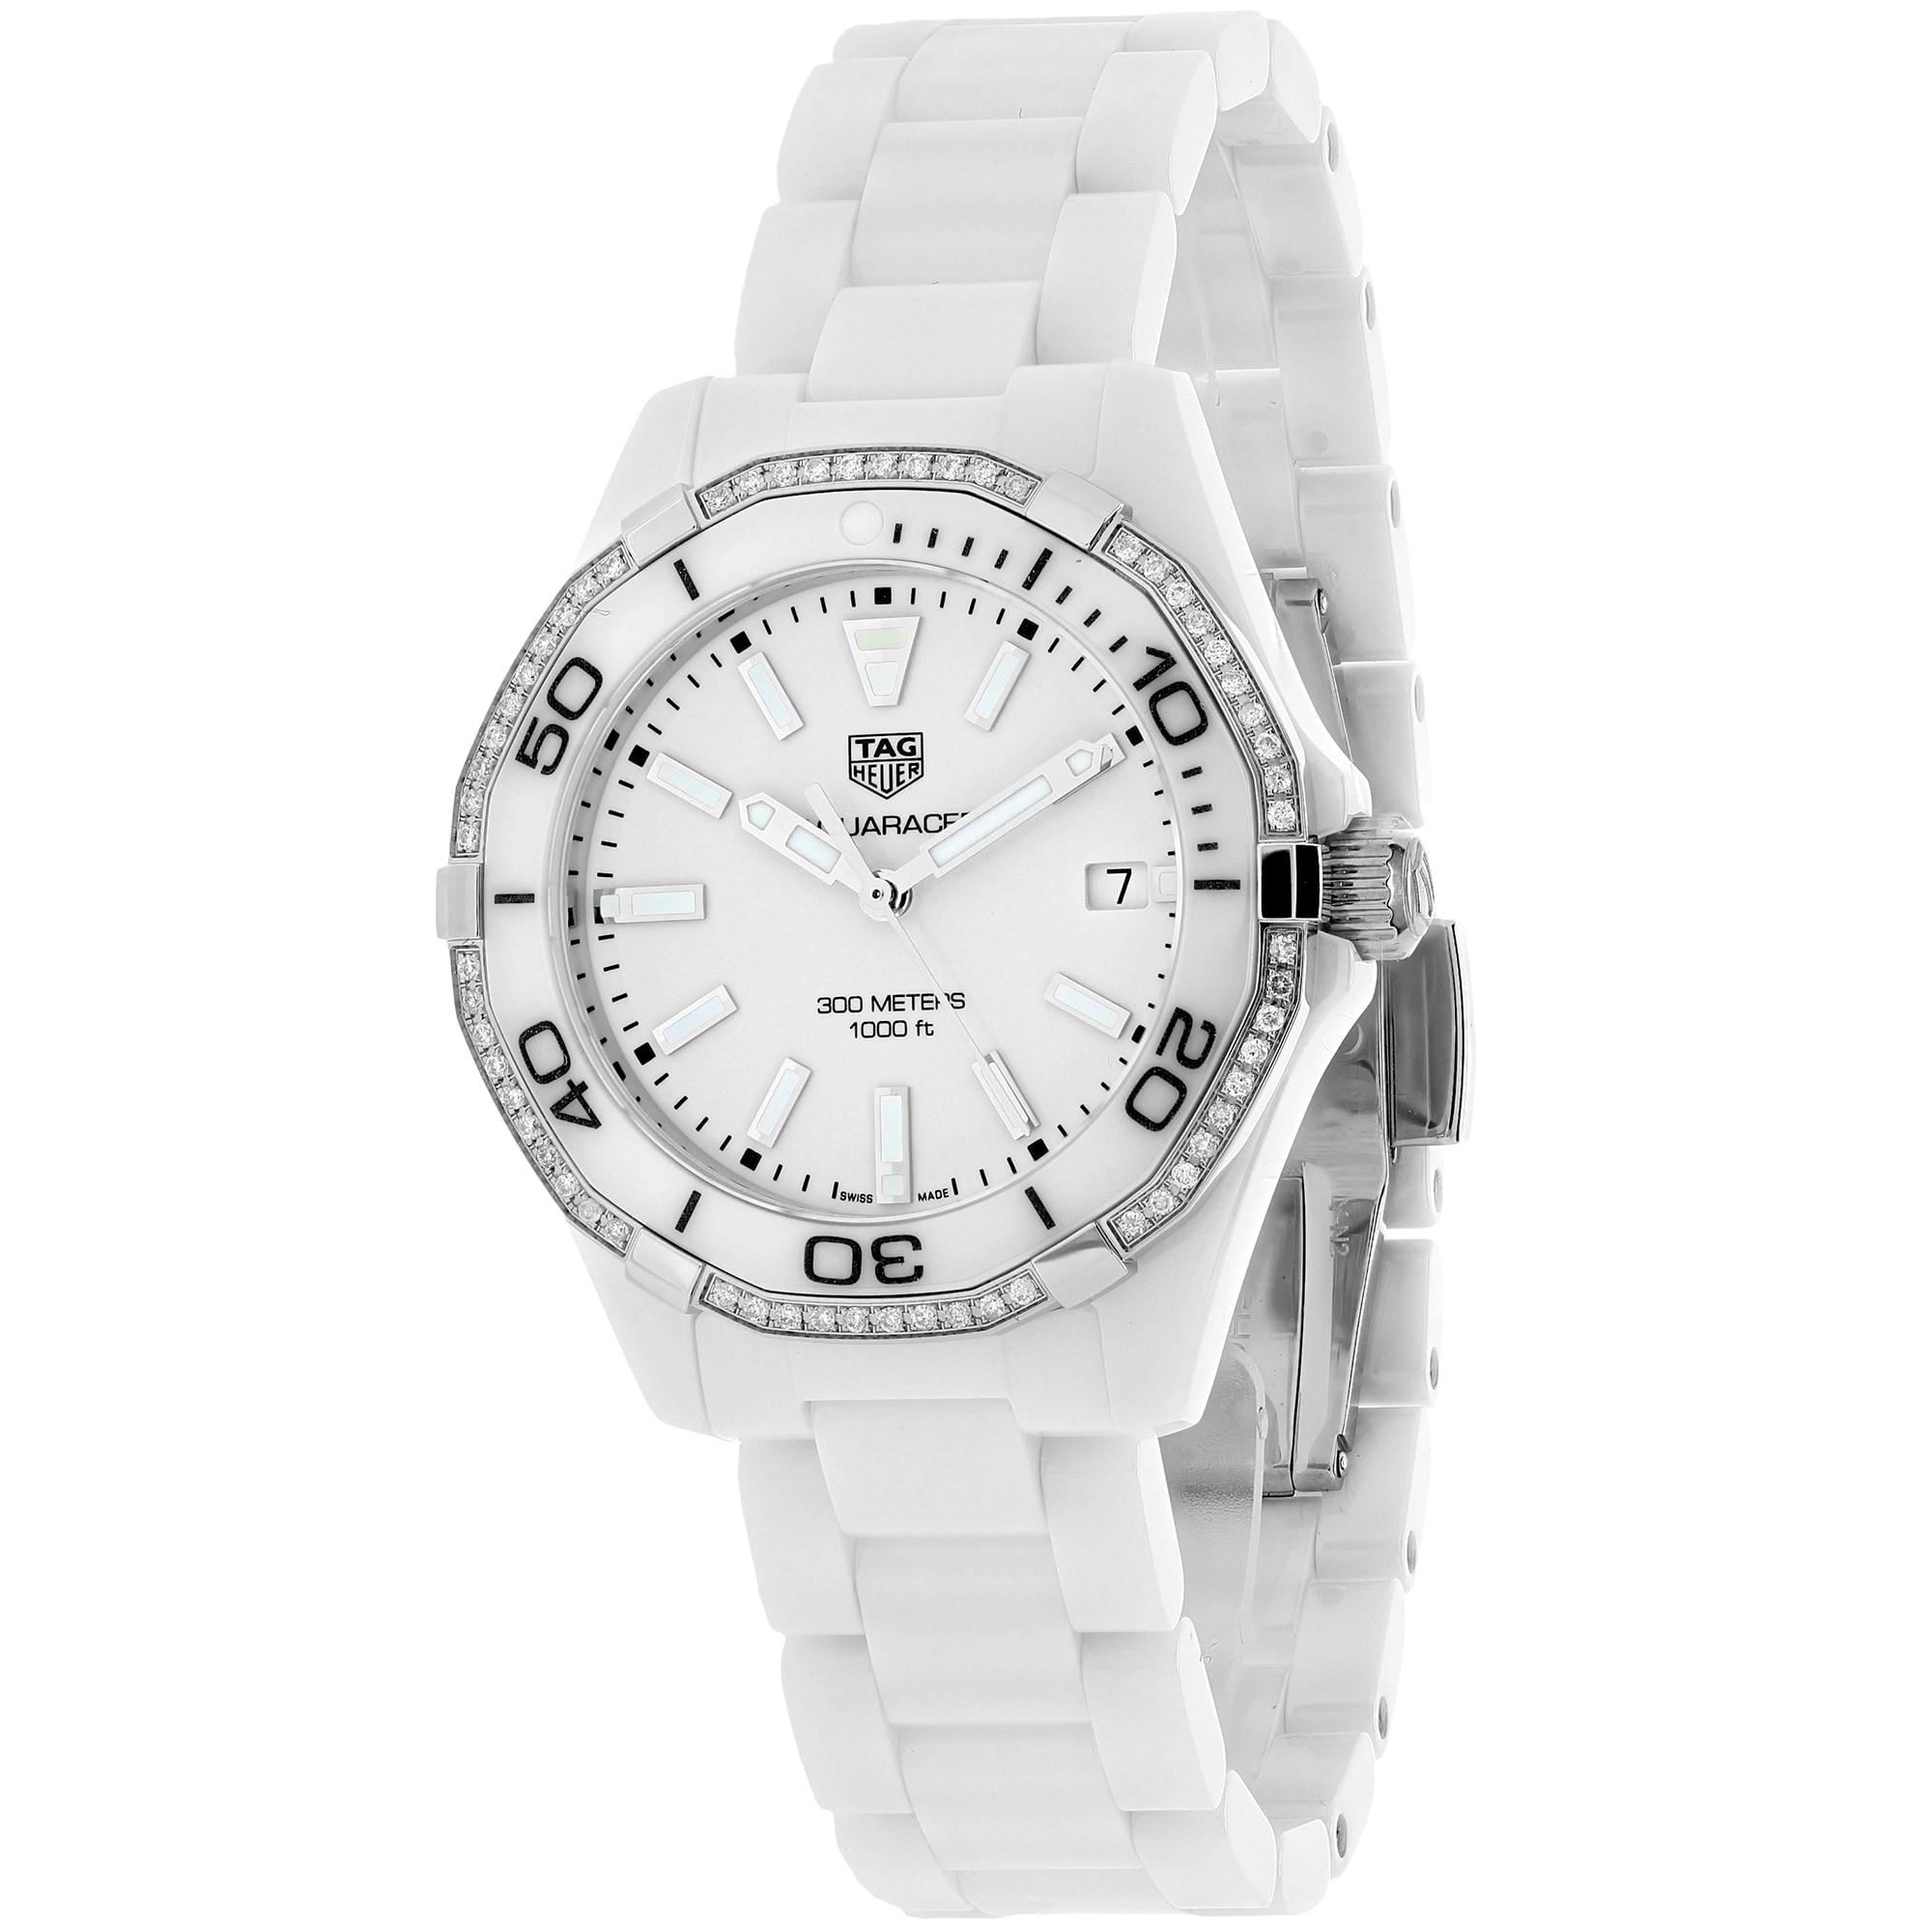 Tag Heuer Women's WAY1396.BH0717 Aquaracer Watches (Aquar...